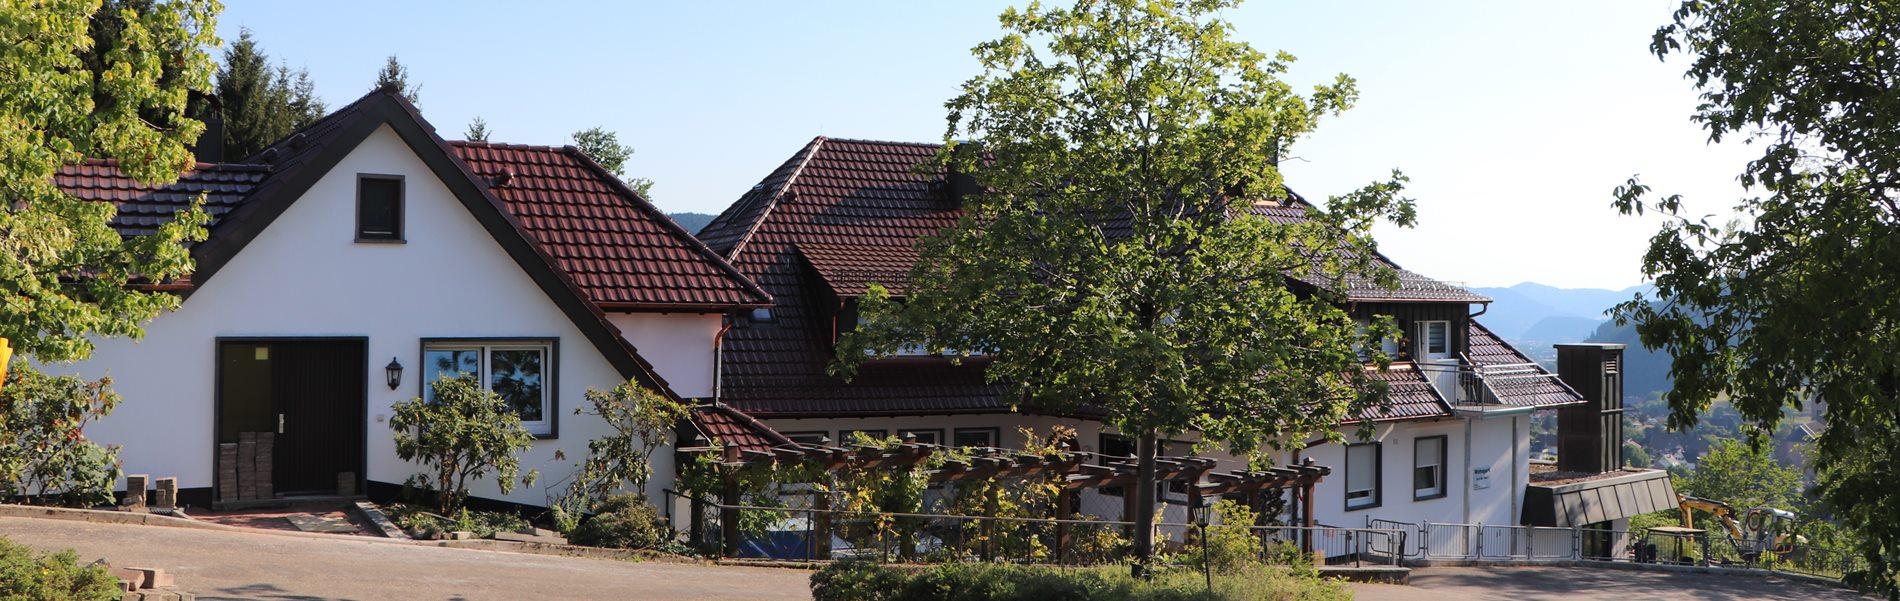 wohnpark-schwarzwald-aussicht-sommer